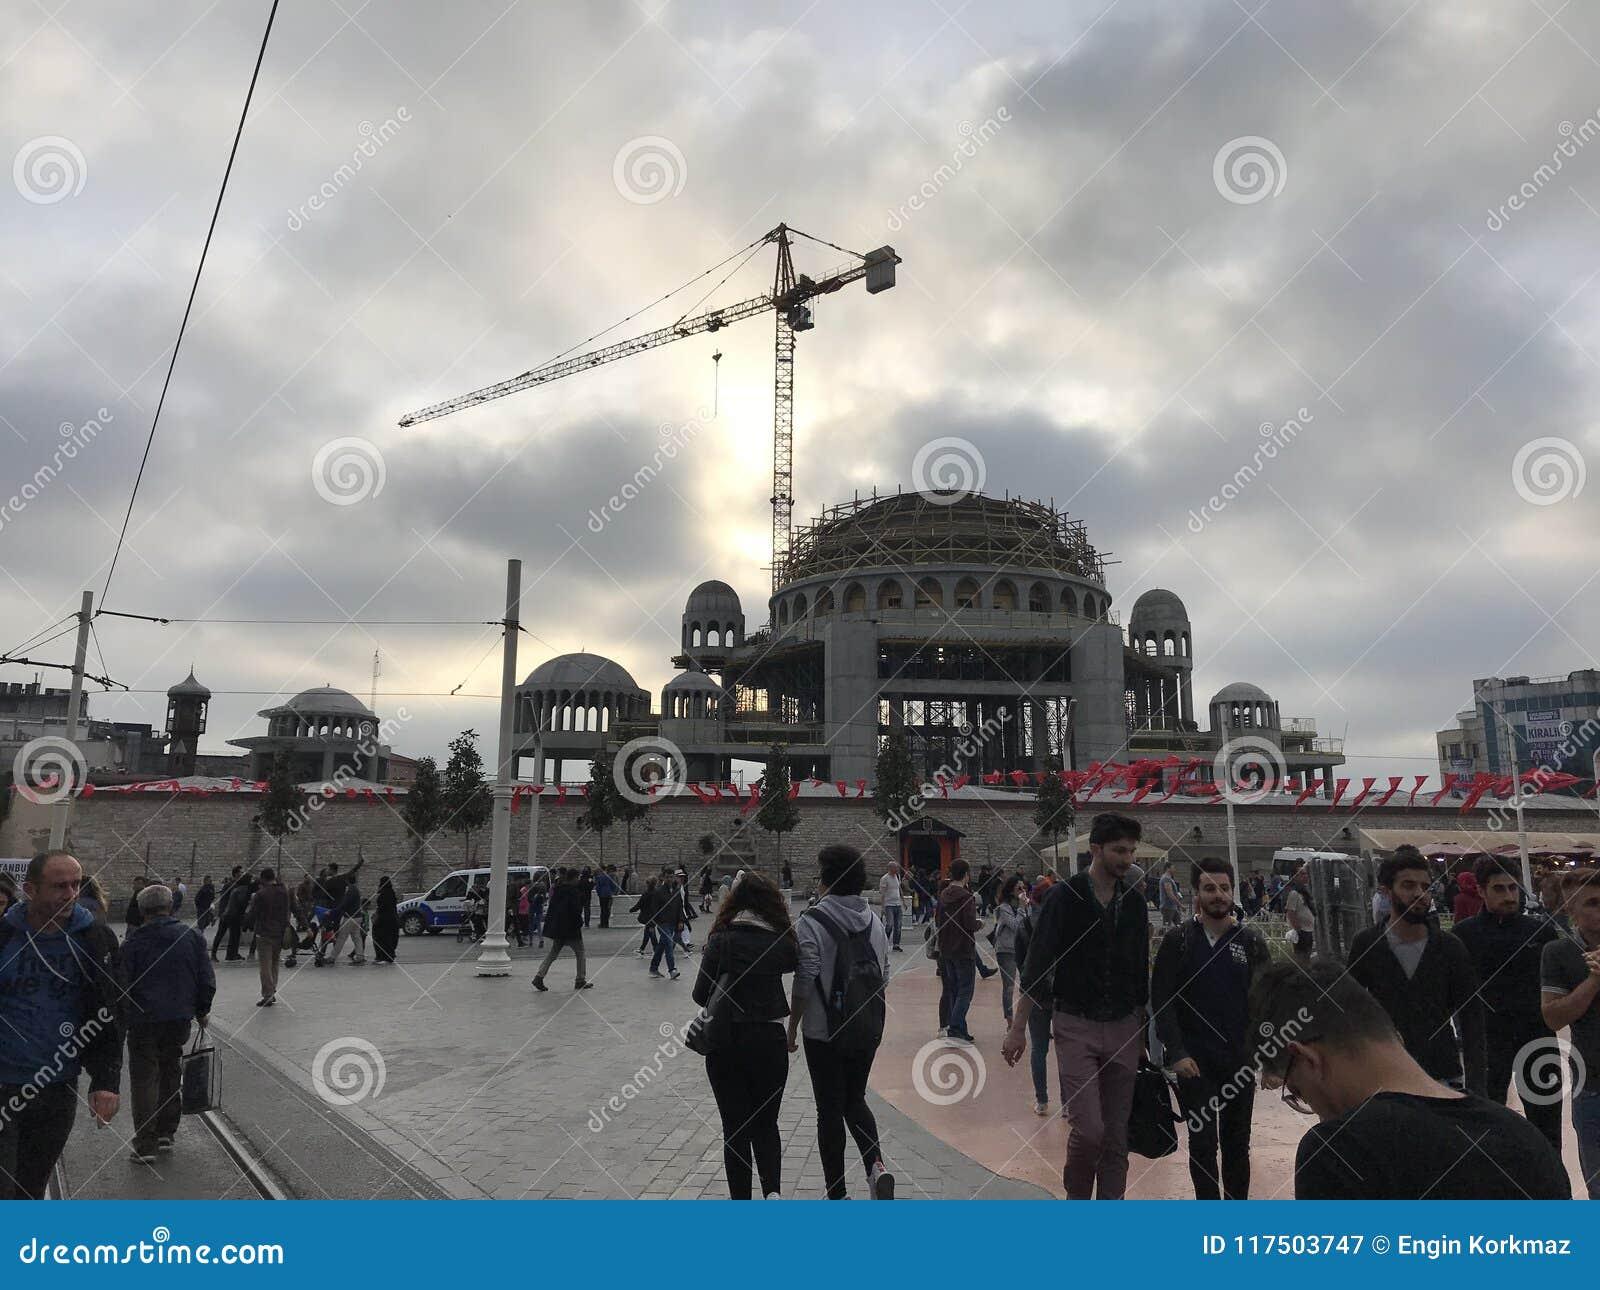 Povos que andam ao redor e carros no tráfego no quadrado de Taksim, Istambul